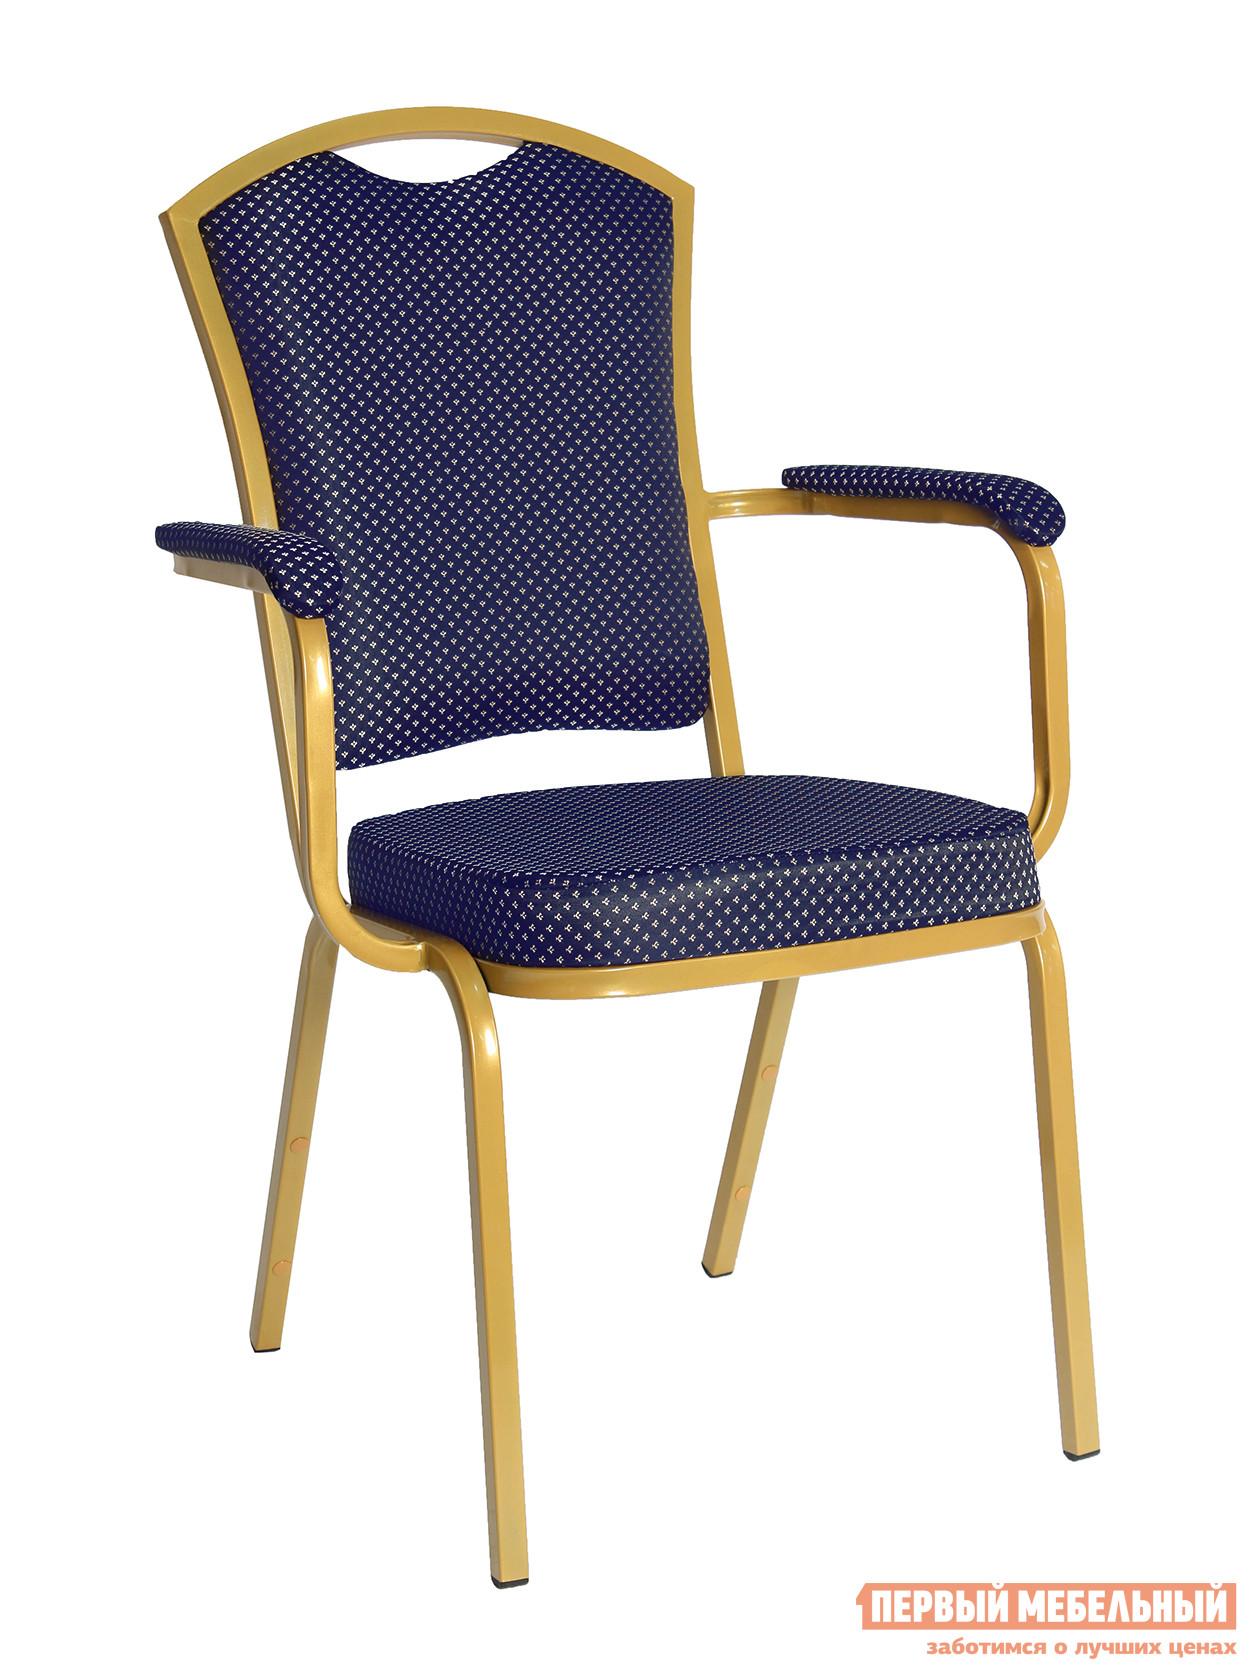 Банкетный стул с подлокотниками Stool Group Кремон-П банкетный стул stool group прато